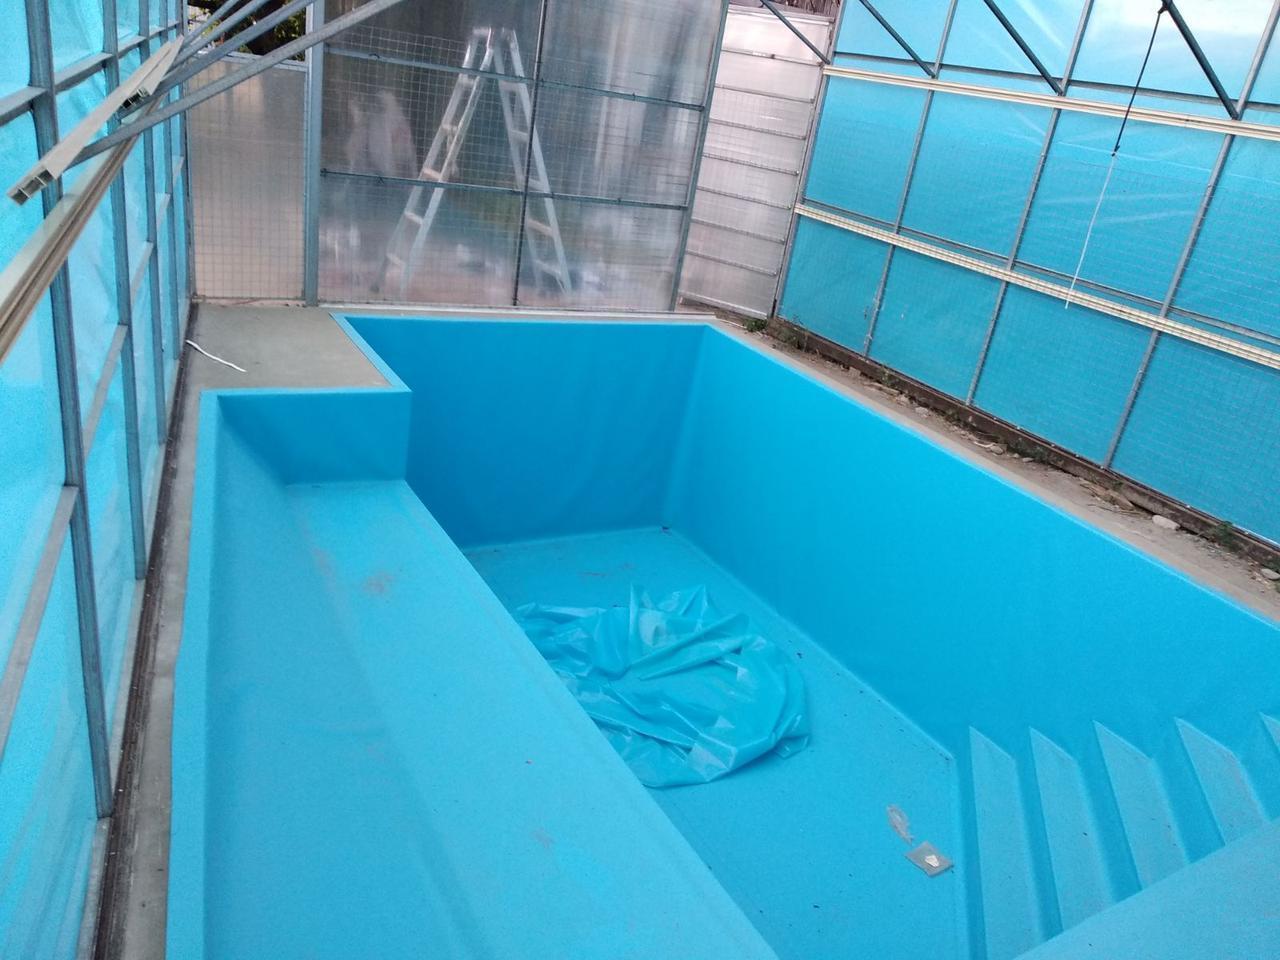 Полипропиленовый бассейн от производителя - 12,0 x 4,0 x 1,5 м ПОД КЛЮЧ!